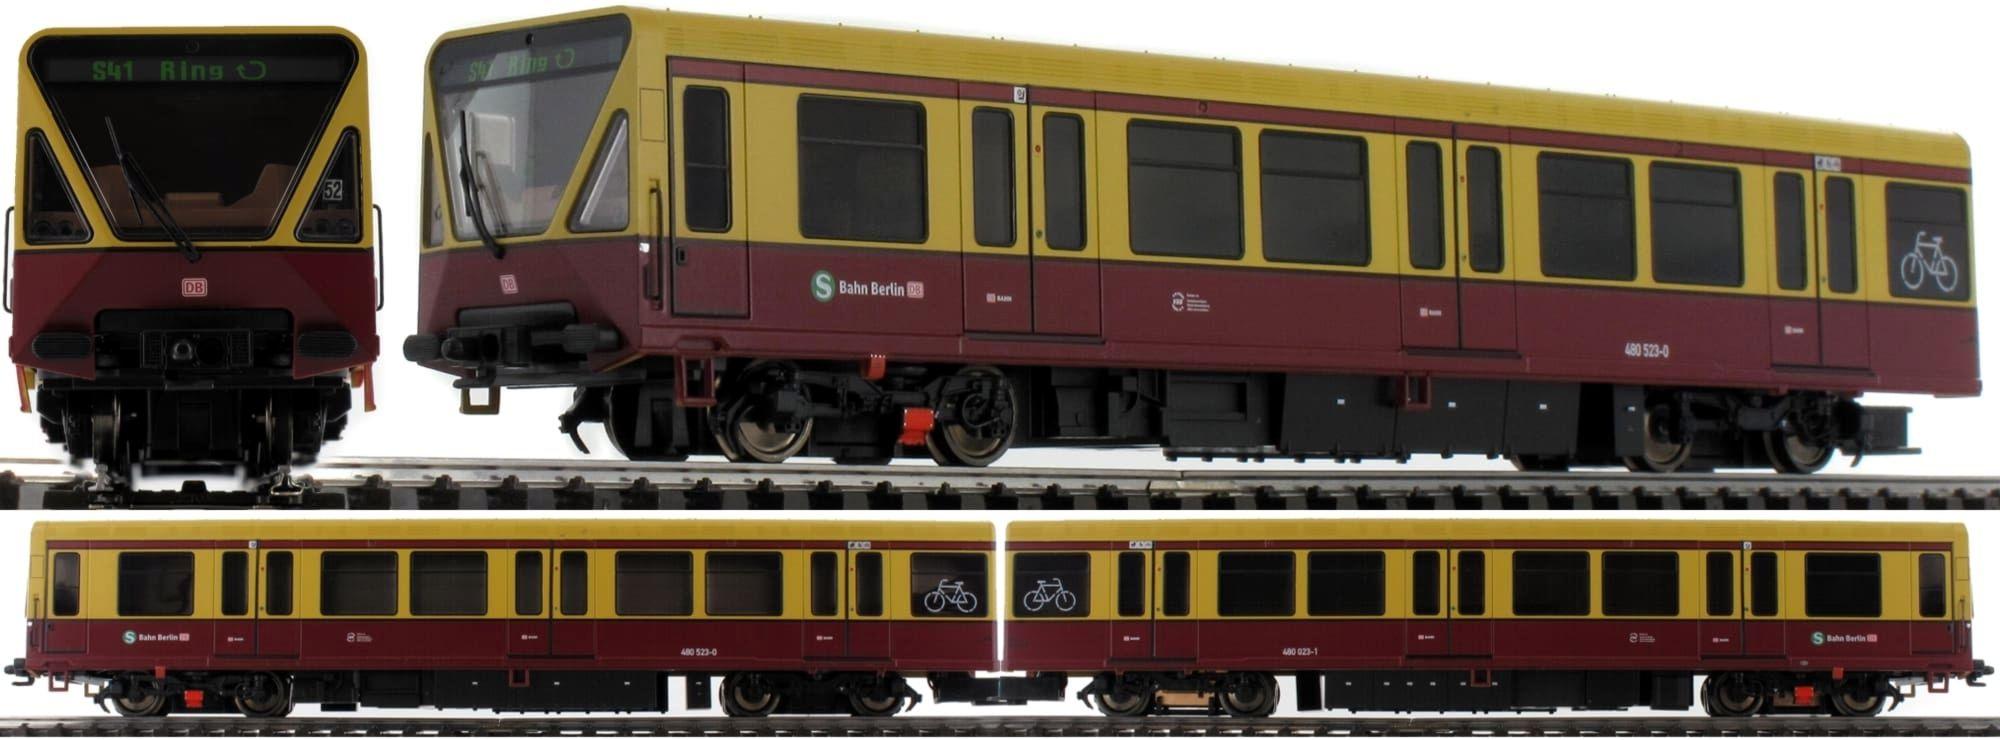 härtle modellbahn